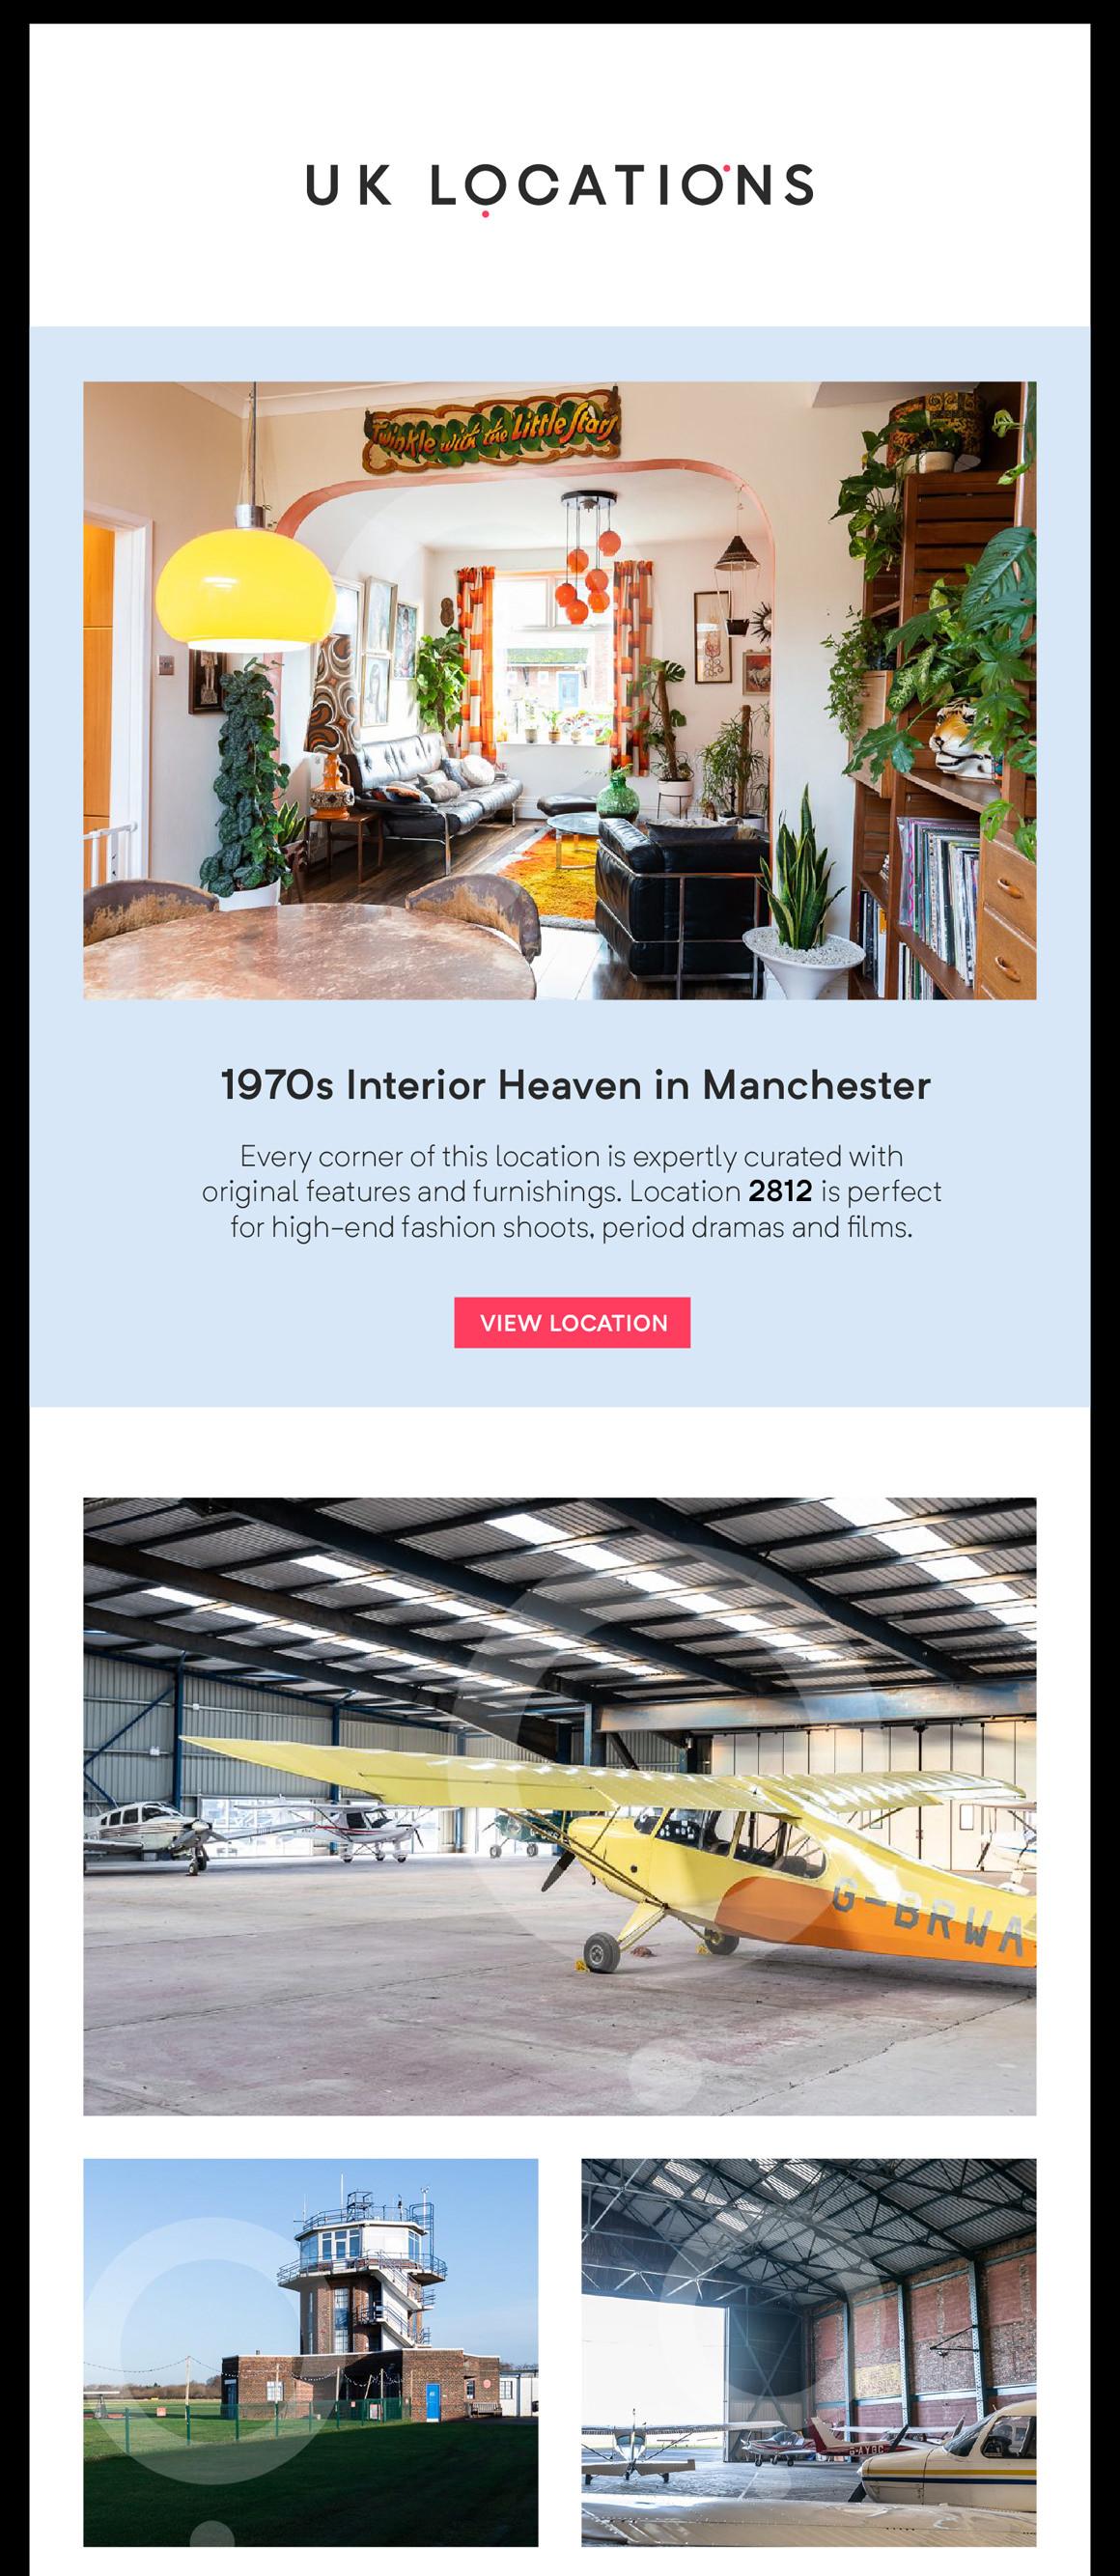 UK Locations email design